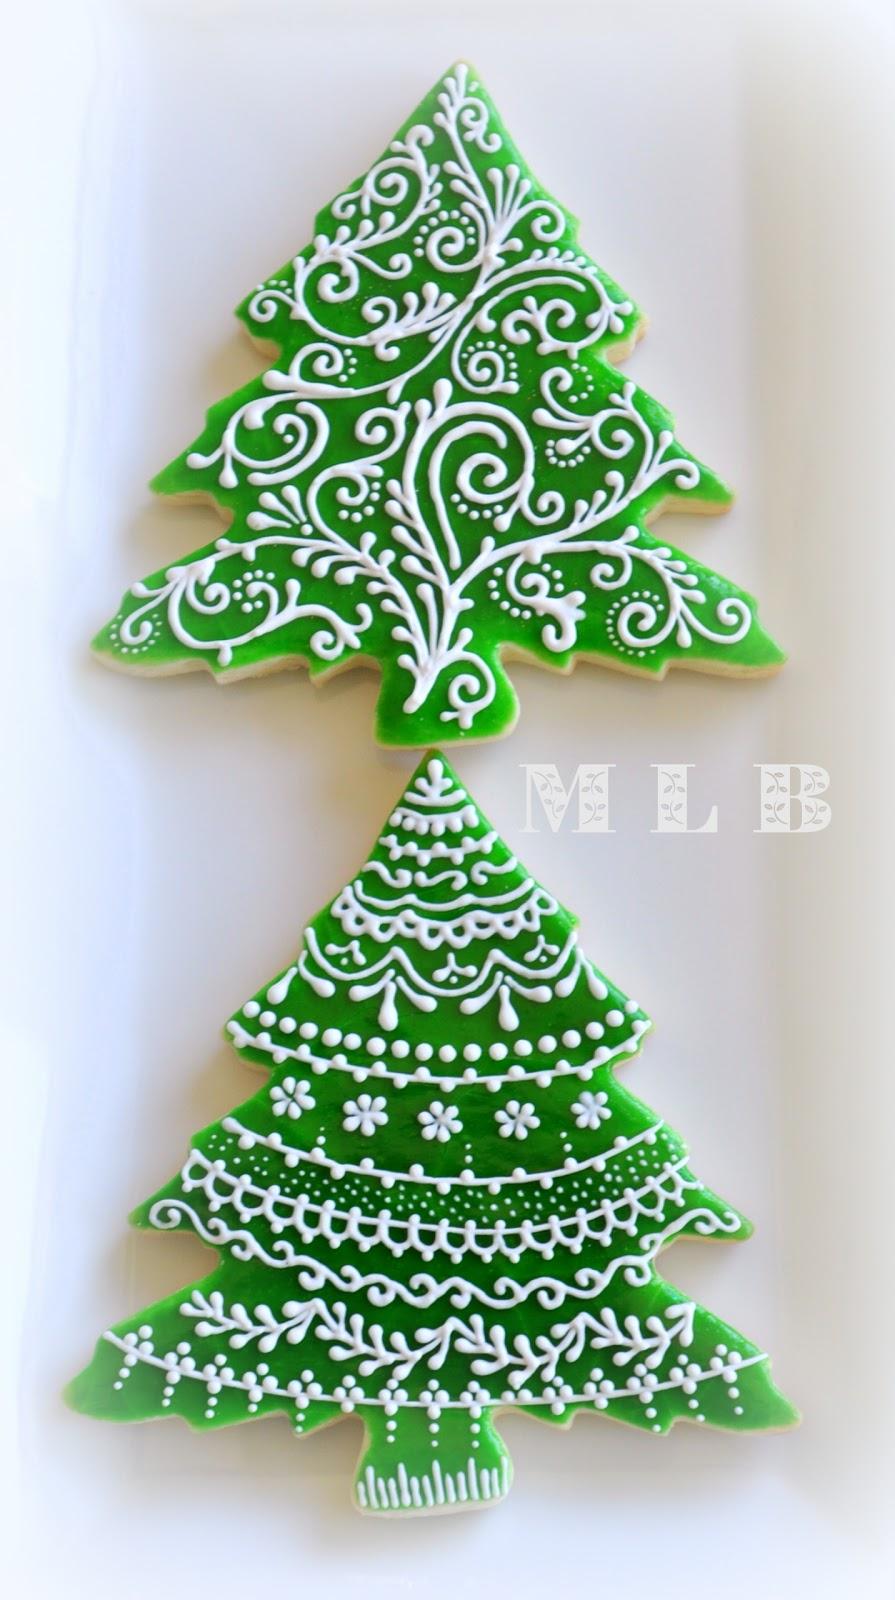 Polish Christmas Tree Cake